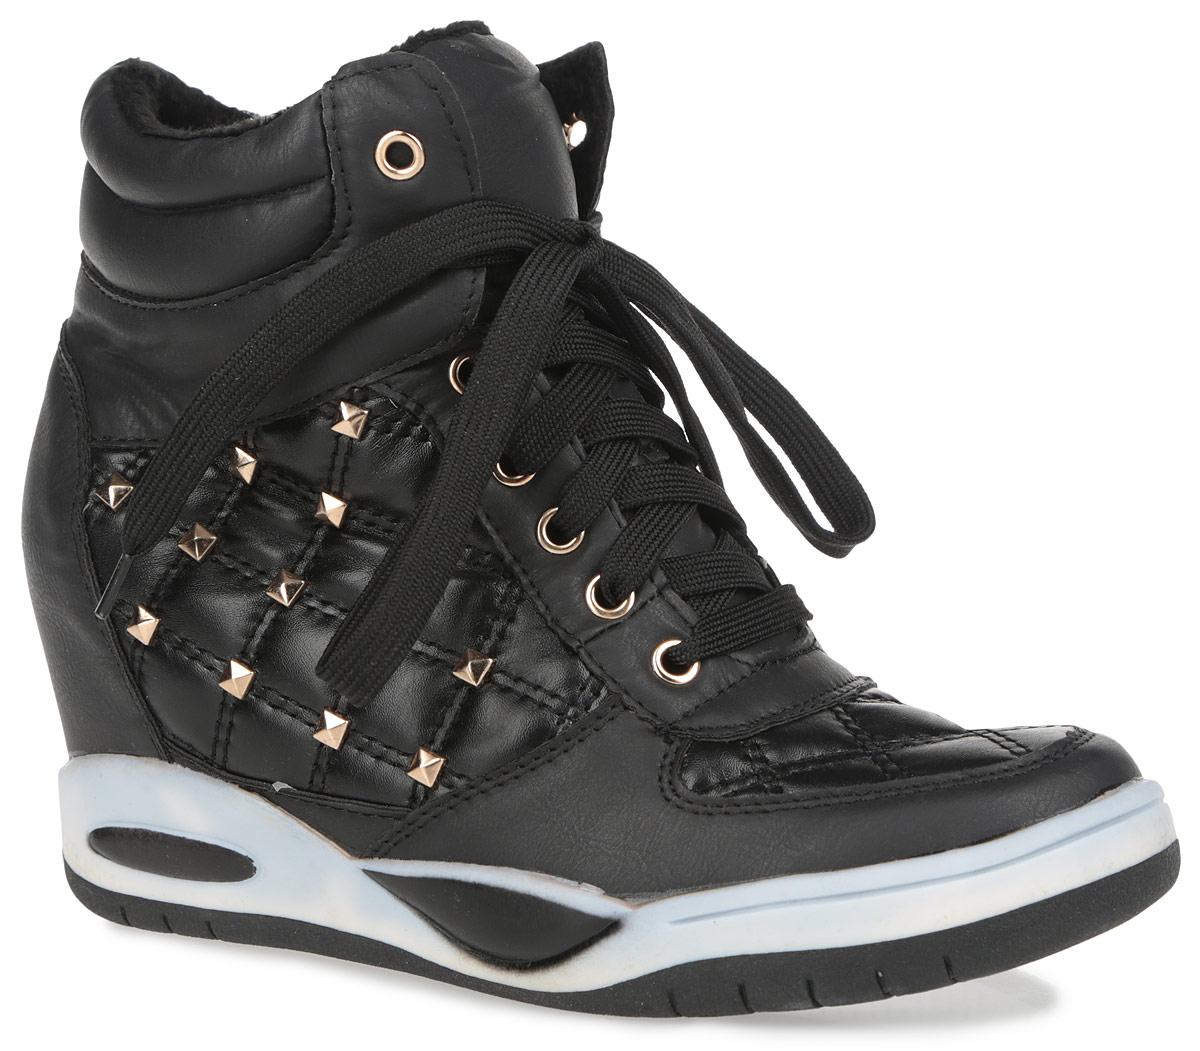 1038-2/BLACKМодные женские сникерсы Burlesque займут достойное место в вашем гардеробе. Модель выполнена из искусственной кожи, декорированной на мыске и по бокам стеганной прострочкой. Верх изделия оформлен шнуровкой, которая надежно зафиксирует обувь на ноге и отрегулирует объем. По канту обувь дополнена горизонтальной строчкой. Подкладка, изготовленная из ворсистого материала, и стелька - из ЭВА материала с покрытием из искусственной кожи, защитят ноги от холода и обеспечат уют. Сбоку сникерсы украшены стильной фурнитурой. Танкетка умеренной высоты - устойчива. Подошва из полимерного термопластичного материала с рельефным протектором обеспечивает отличное сцепление с любой поверхностью. В этих сникерсах вашим ногам будет комфортно и уютно. Они подчеркнут ваш стиль и индивидуальность.